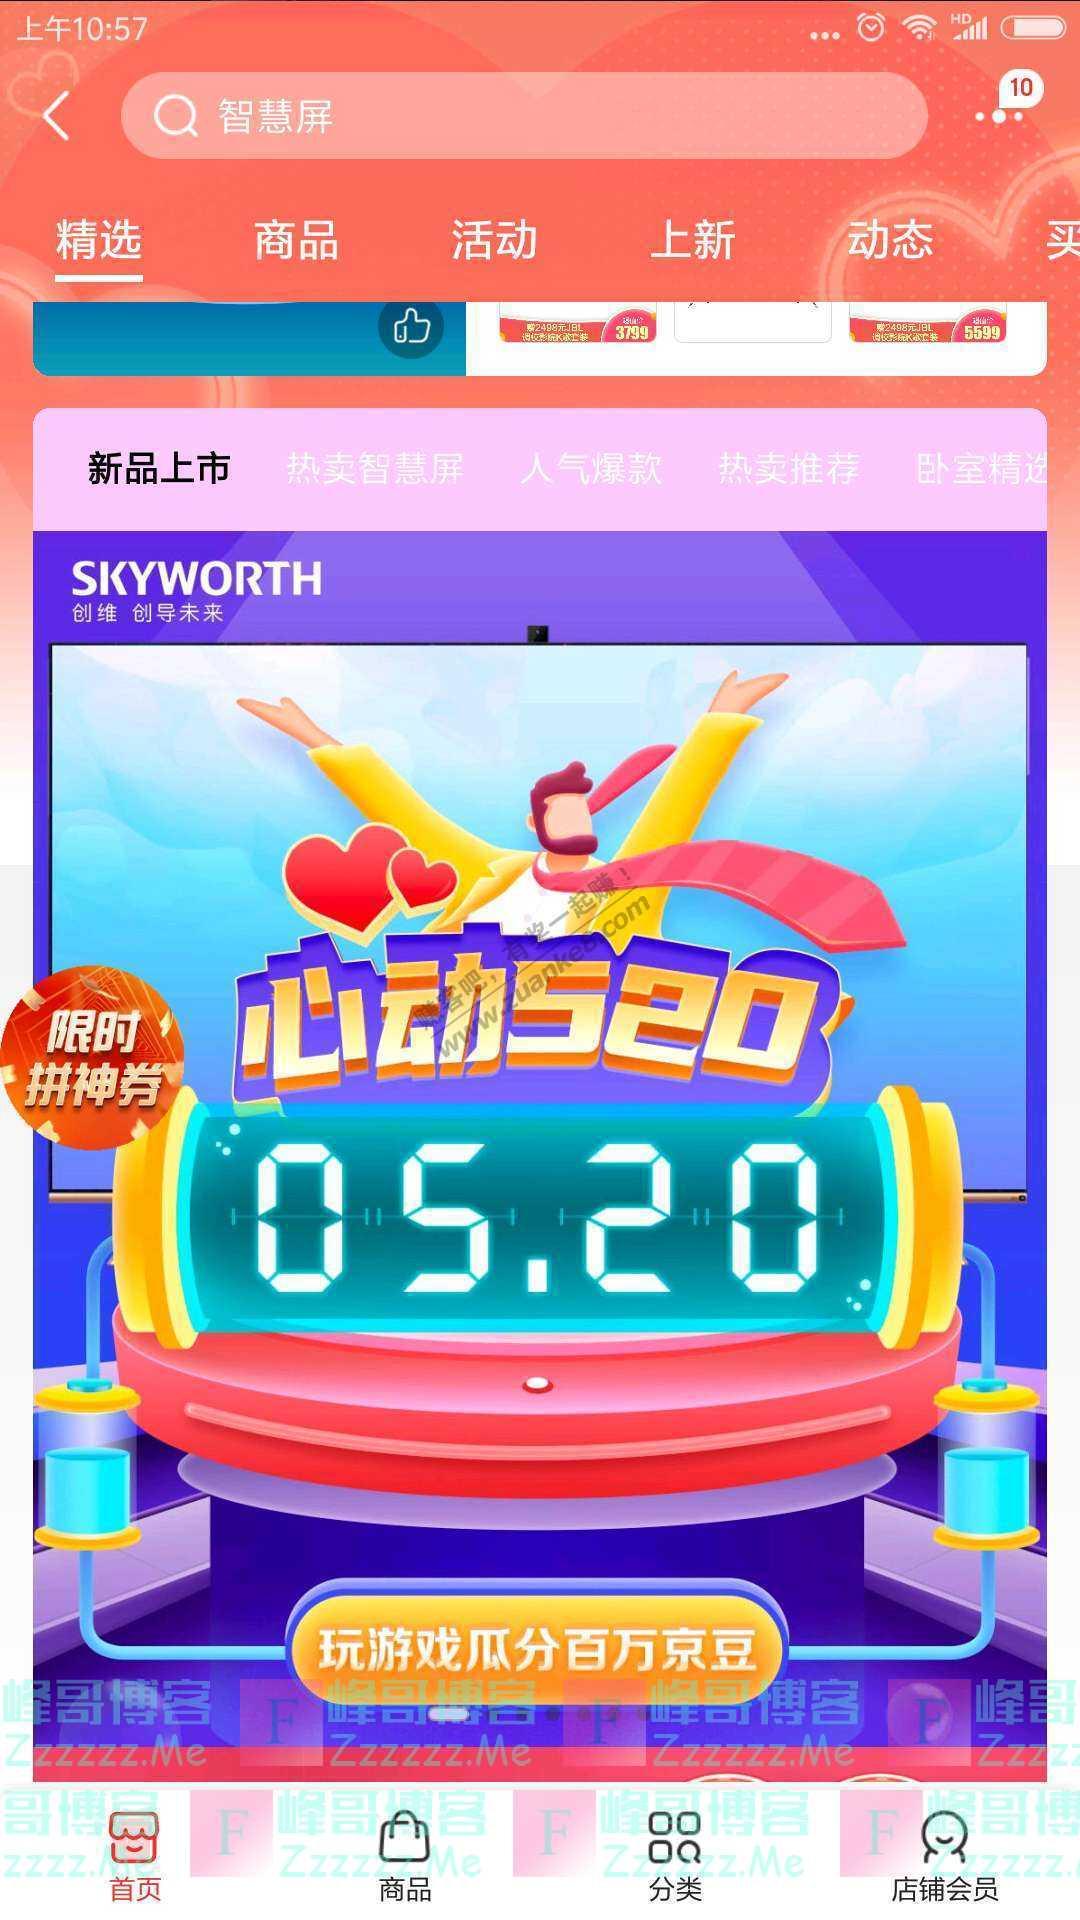 京东心动520玩游戏瓜分百万京豆(截止5月28日)